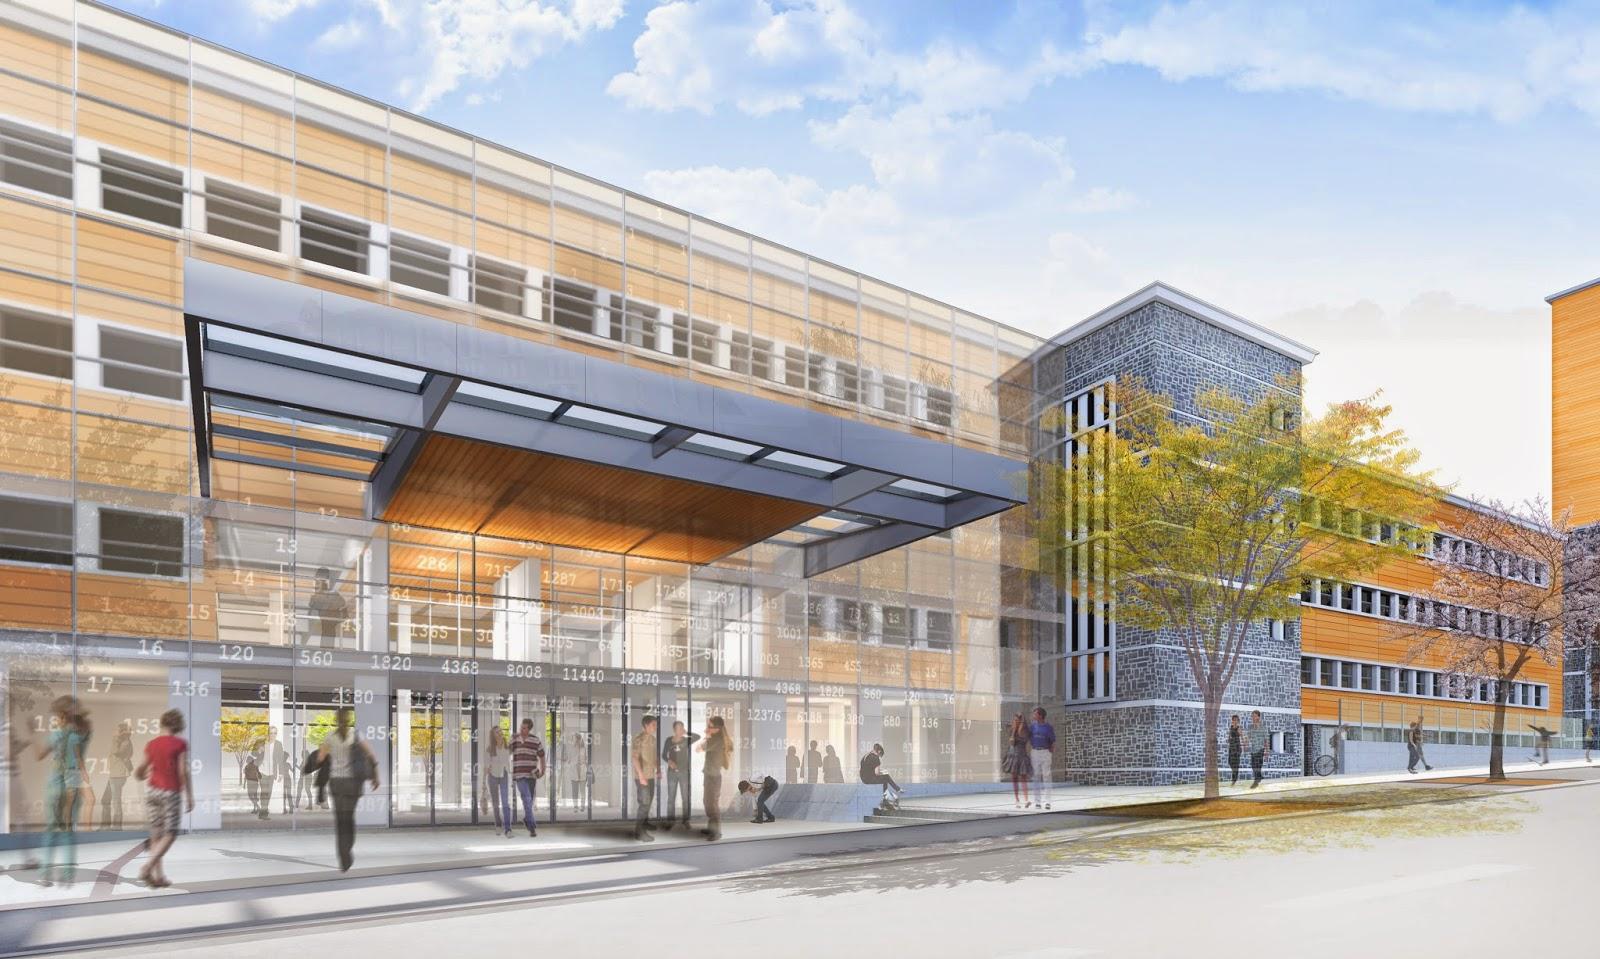 cit scolaire blaise pascal clermont ferrand 63 chm architectes. Black Bedroom Furniture Sets. Home Design Ideas